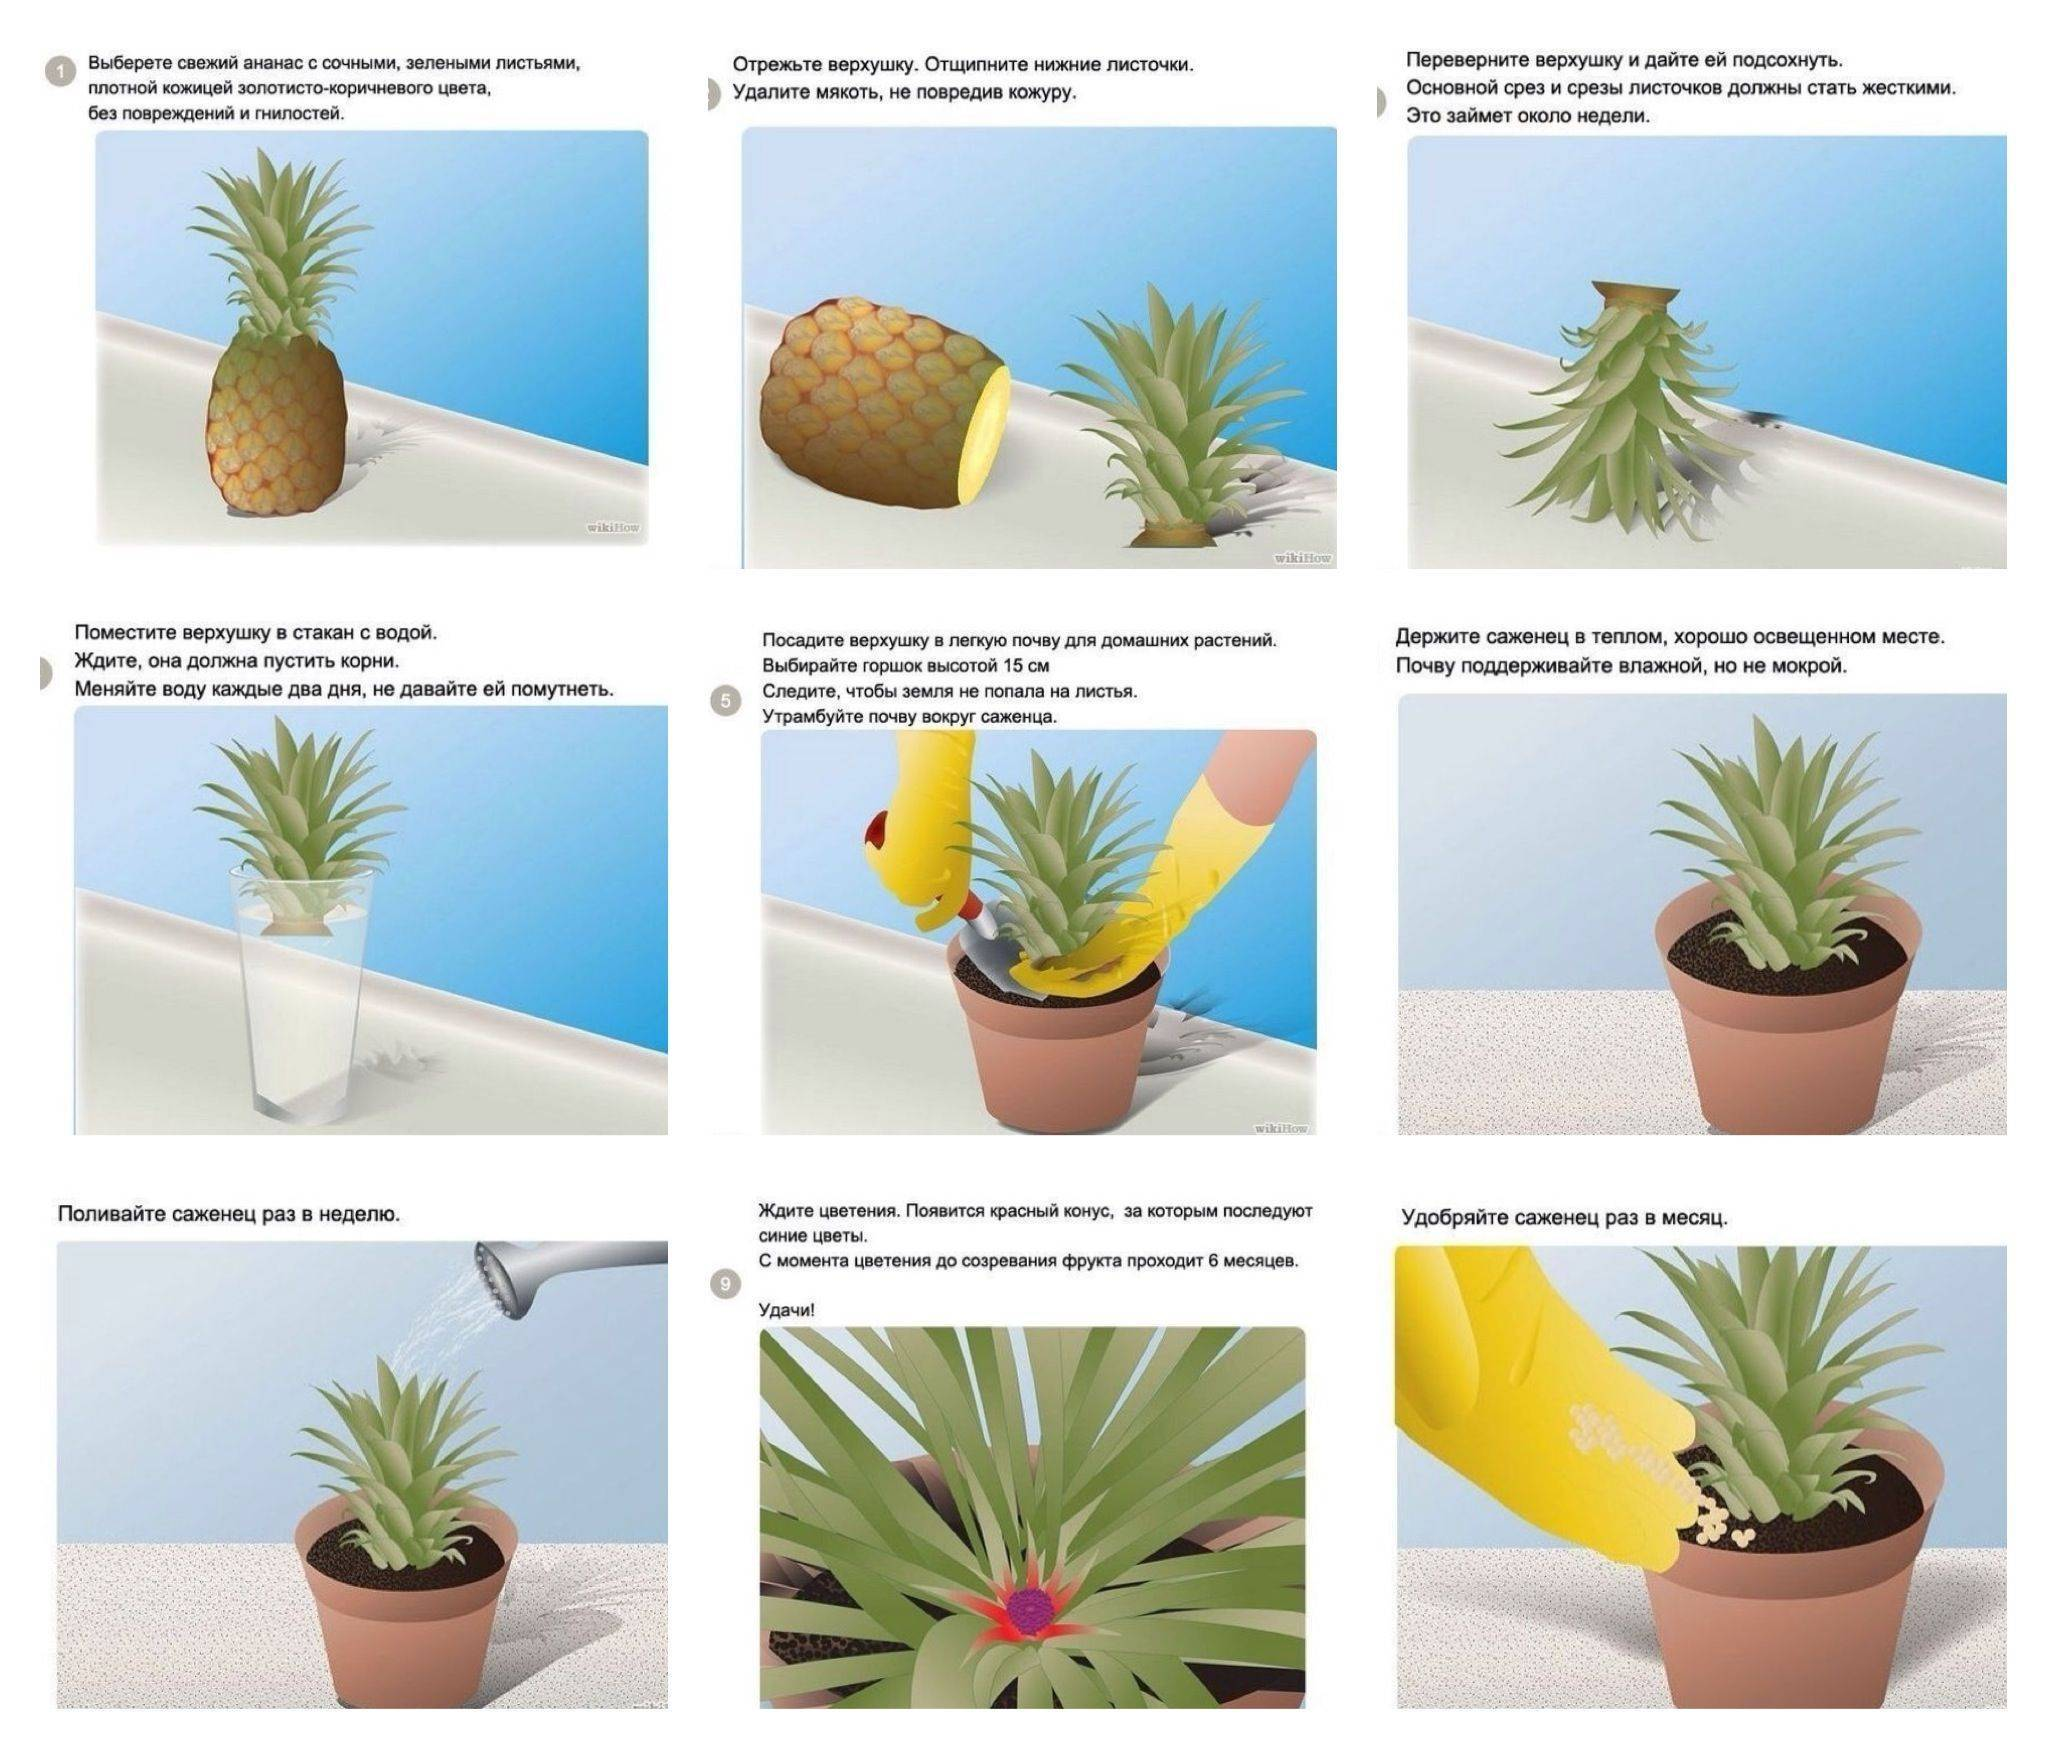 Как вырастить ананас из верхушки в домашних условиях